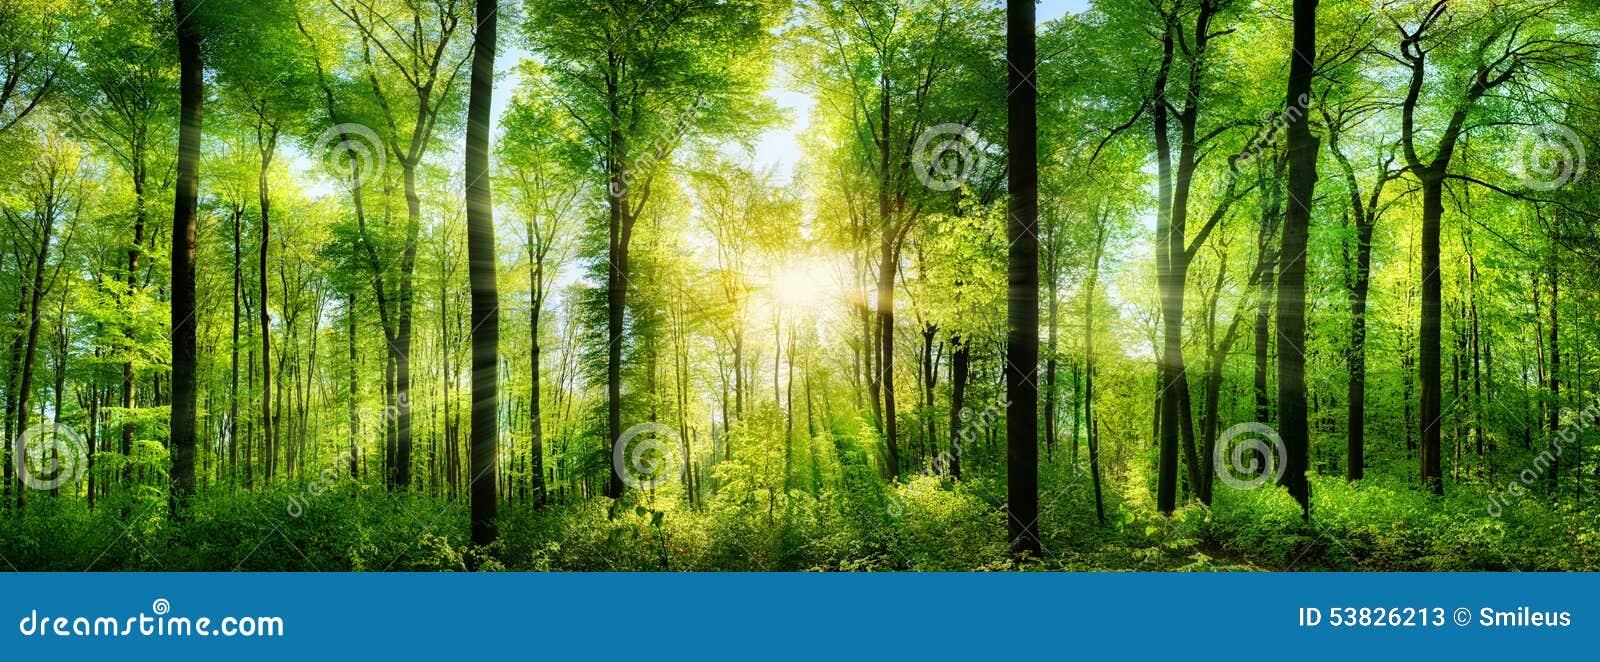 Δασικό πανόραμα με τις ακτίνες του φωτός του ήλιου